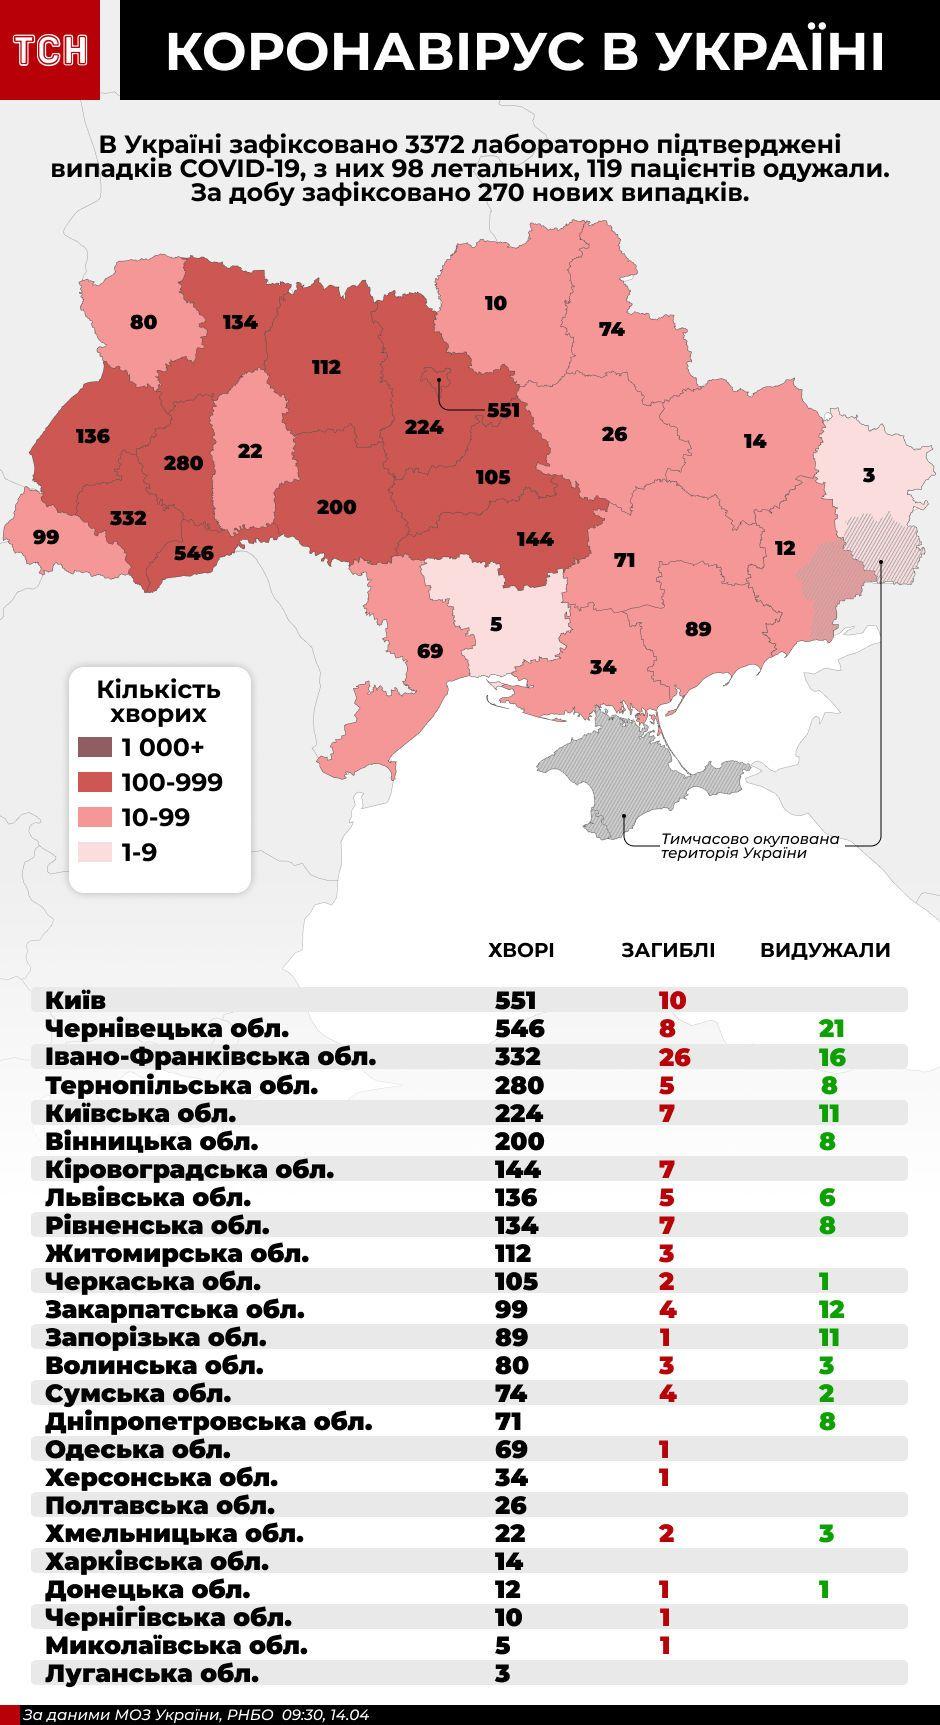 карта кількості хворих на коронавірус в україні, 14.04. інфографіка